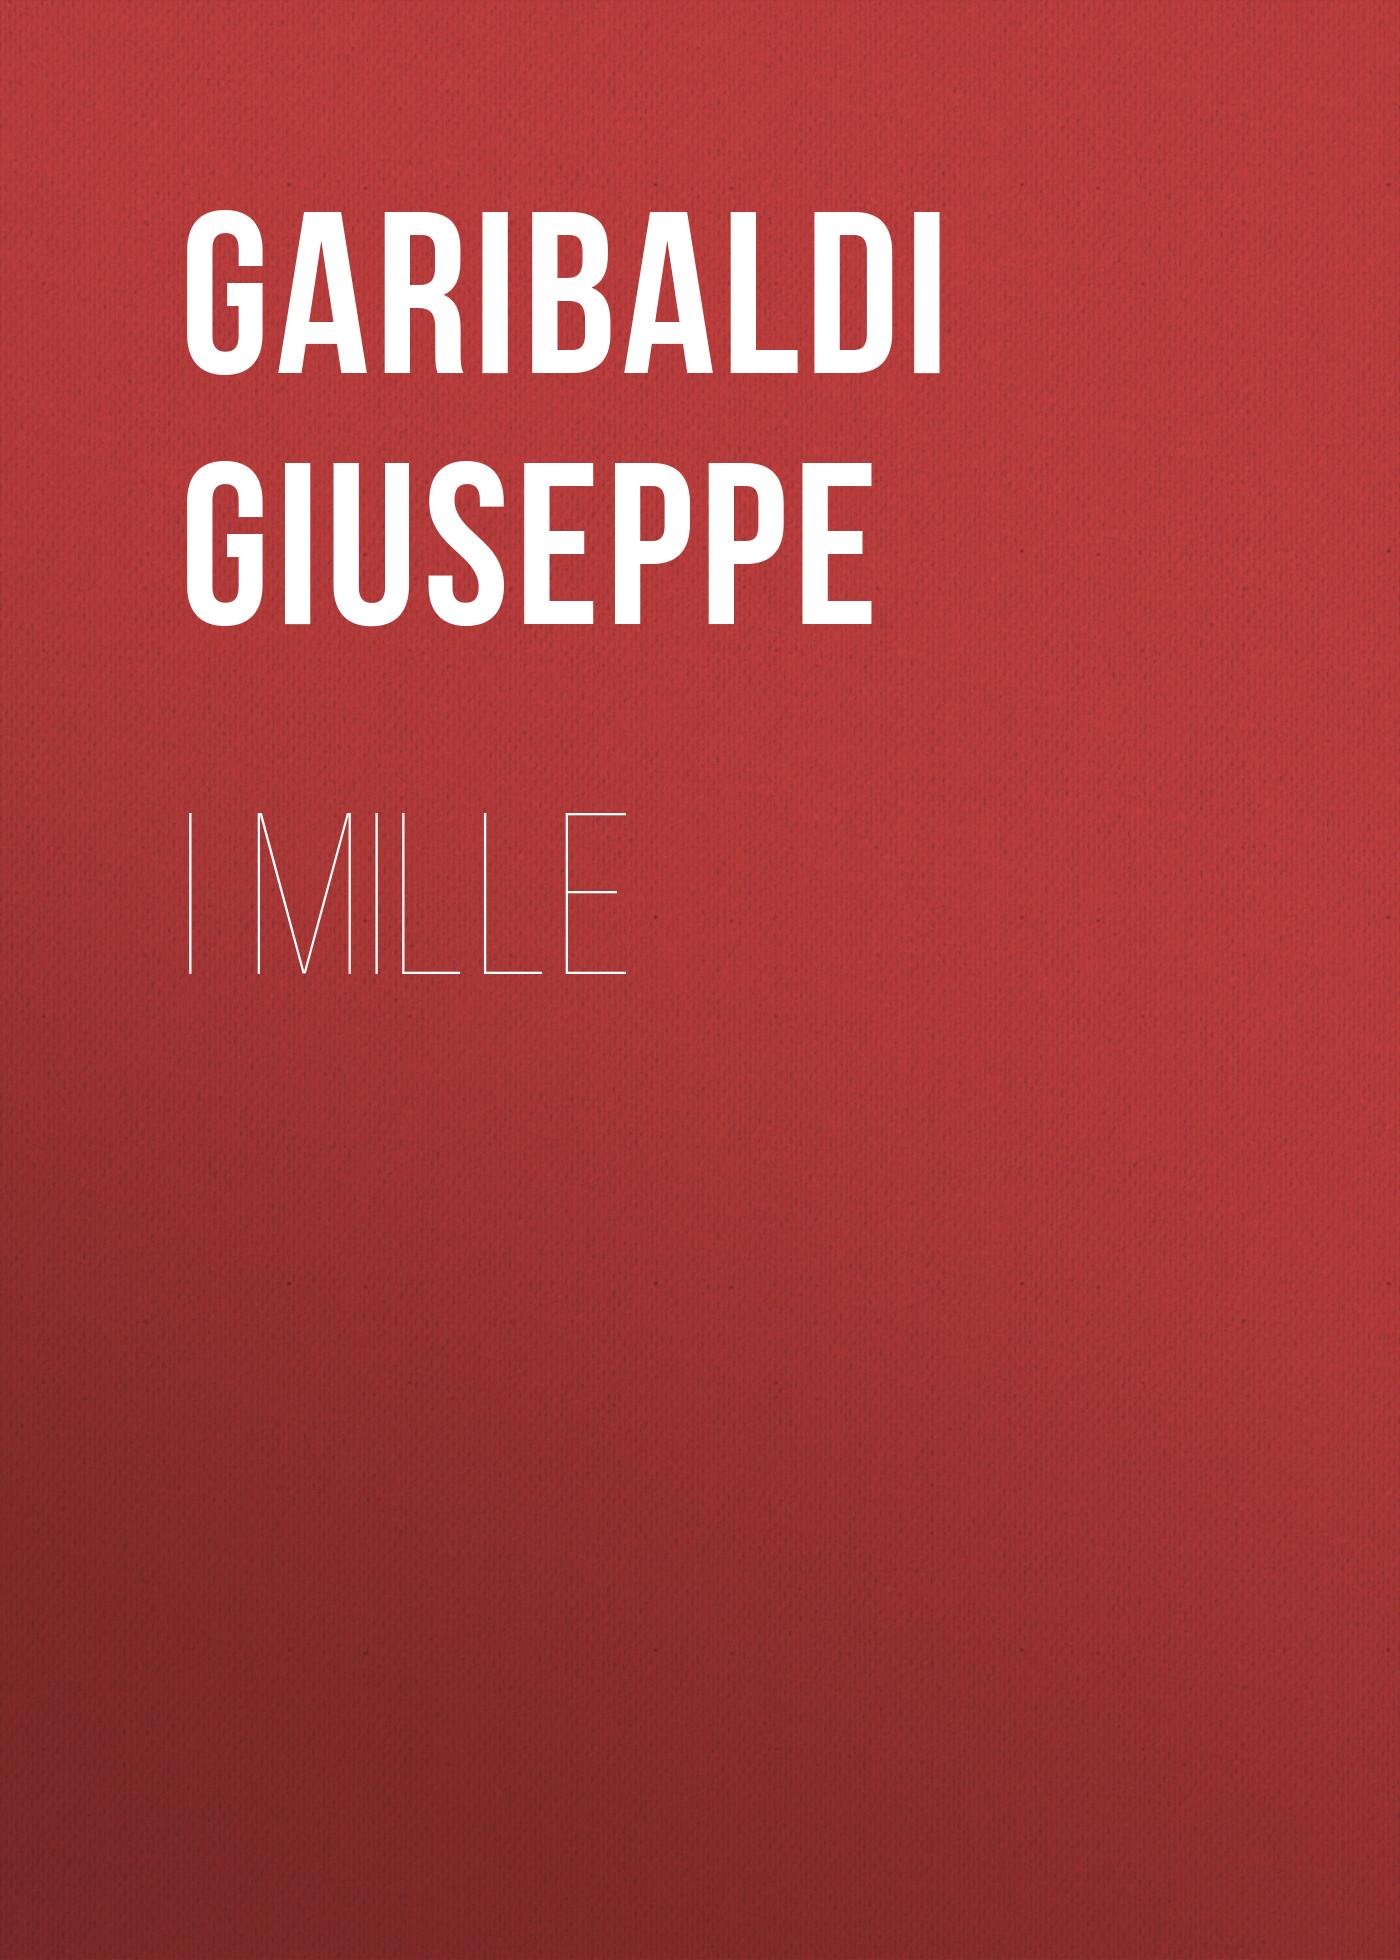 Garibaldi Giuseppe I Mille